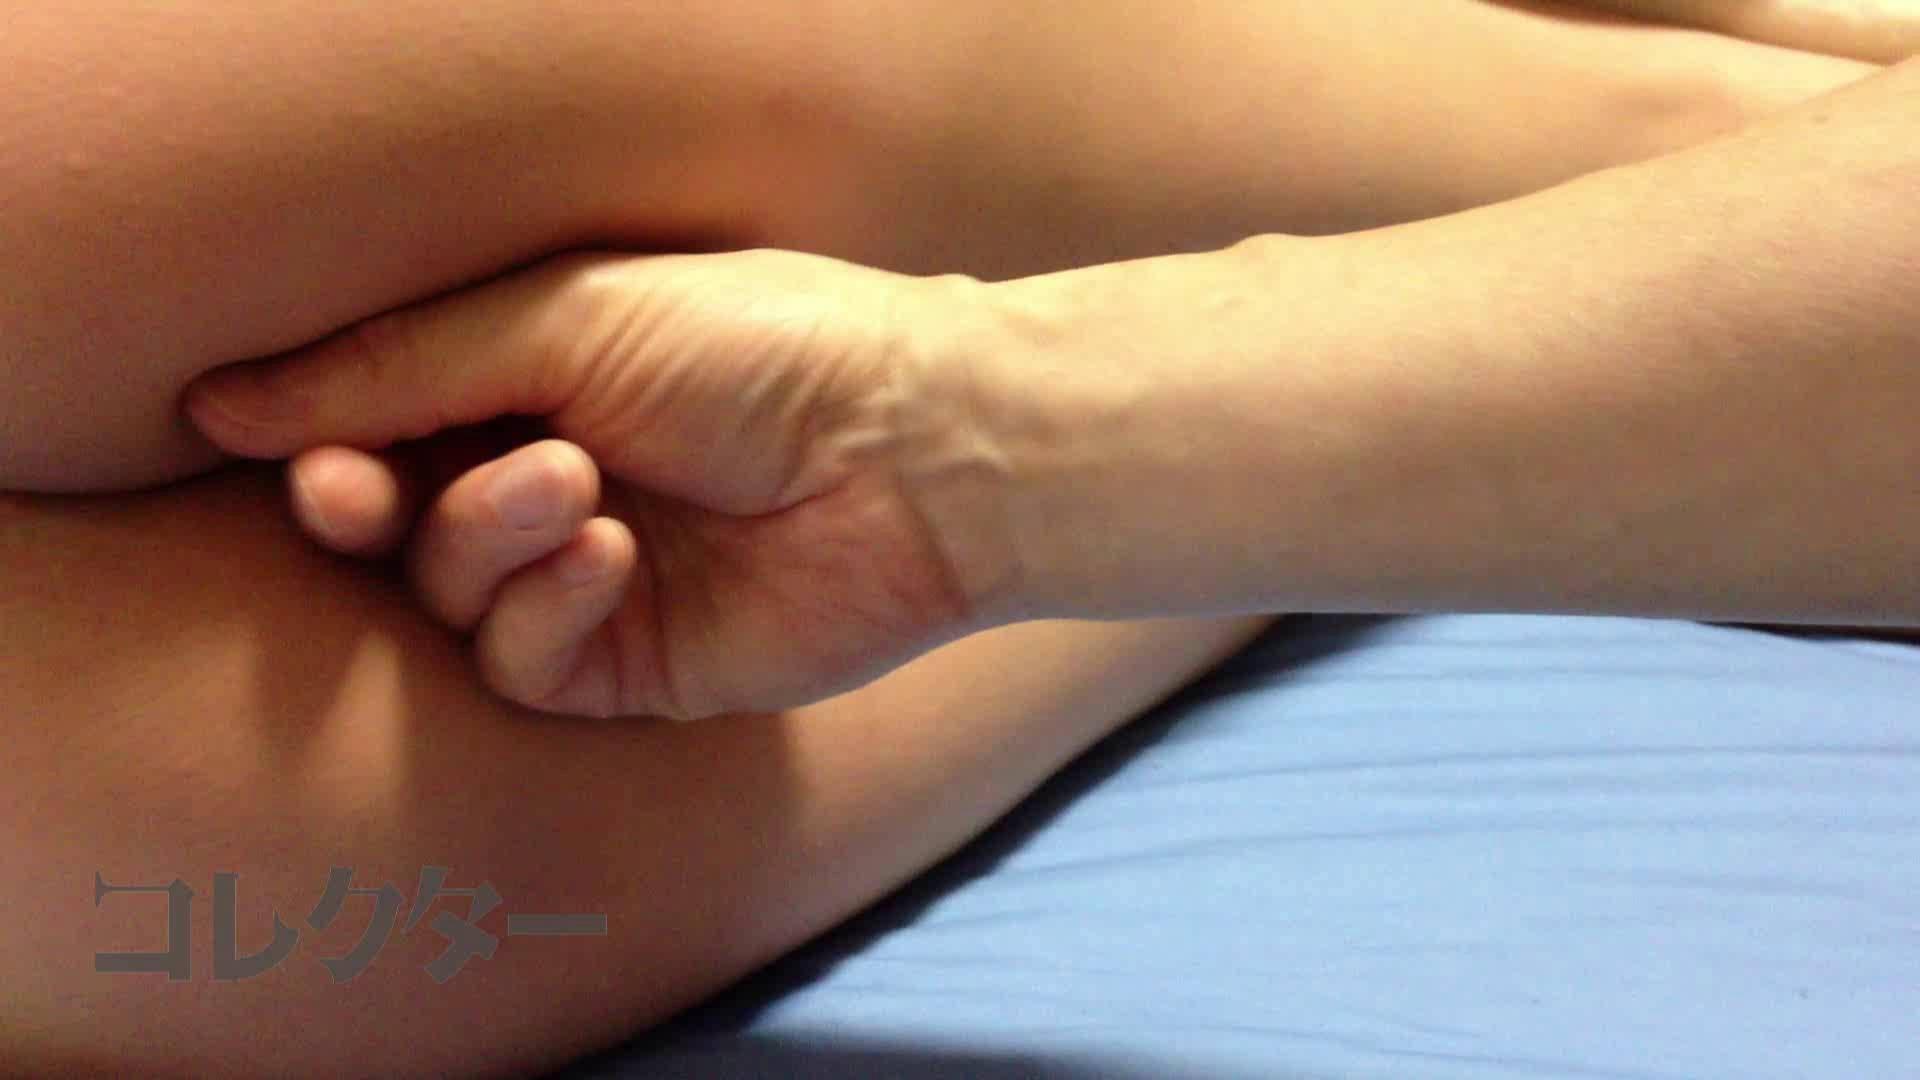 泥酔スレンダー美乳美女 美女すけべ画像  96連発 39